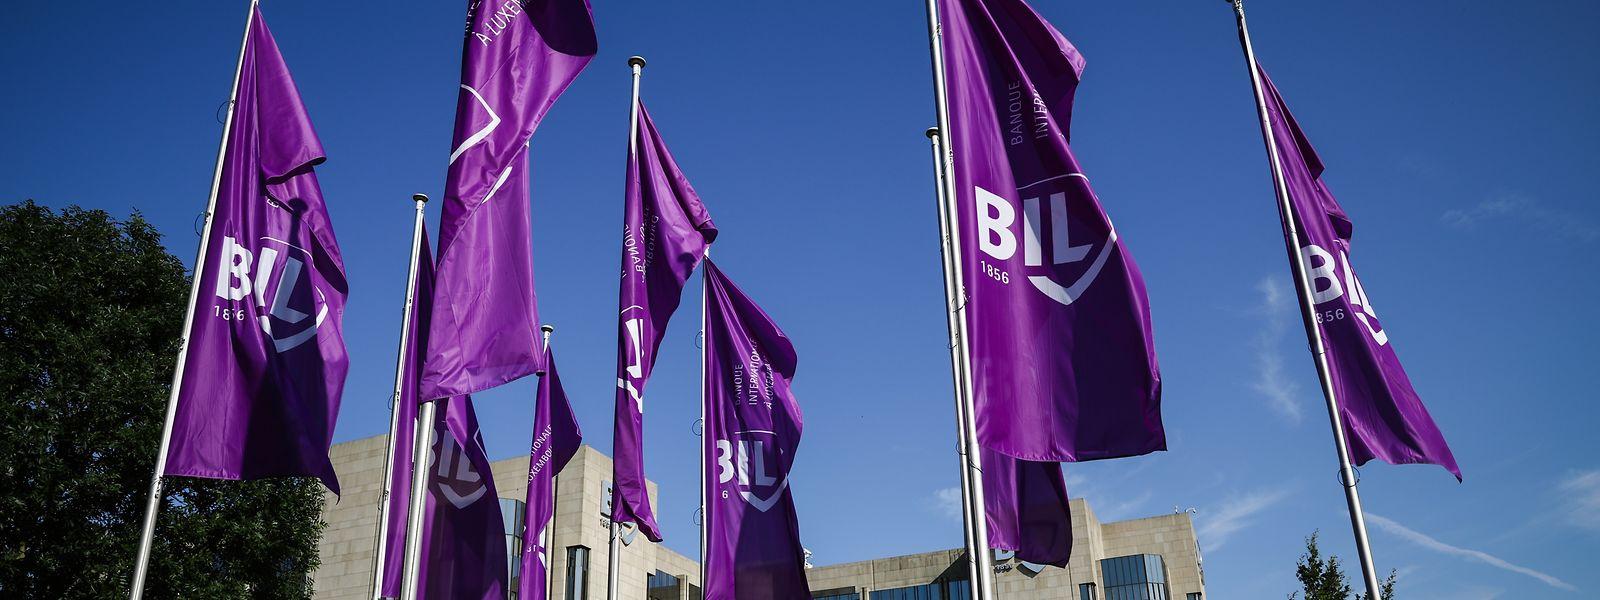 Die BIL will kleine und mittlere Unternehmen in Luxemburg fördern.